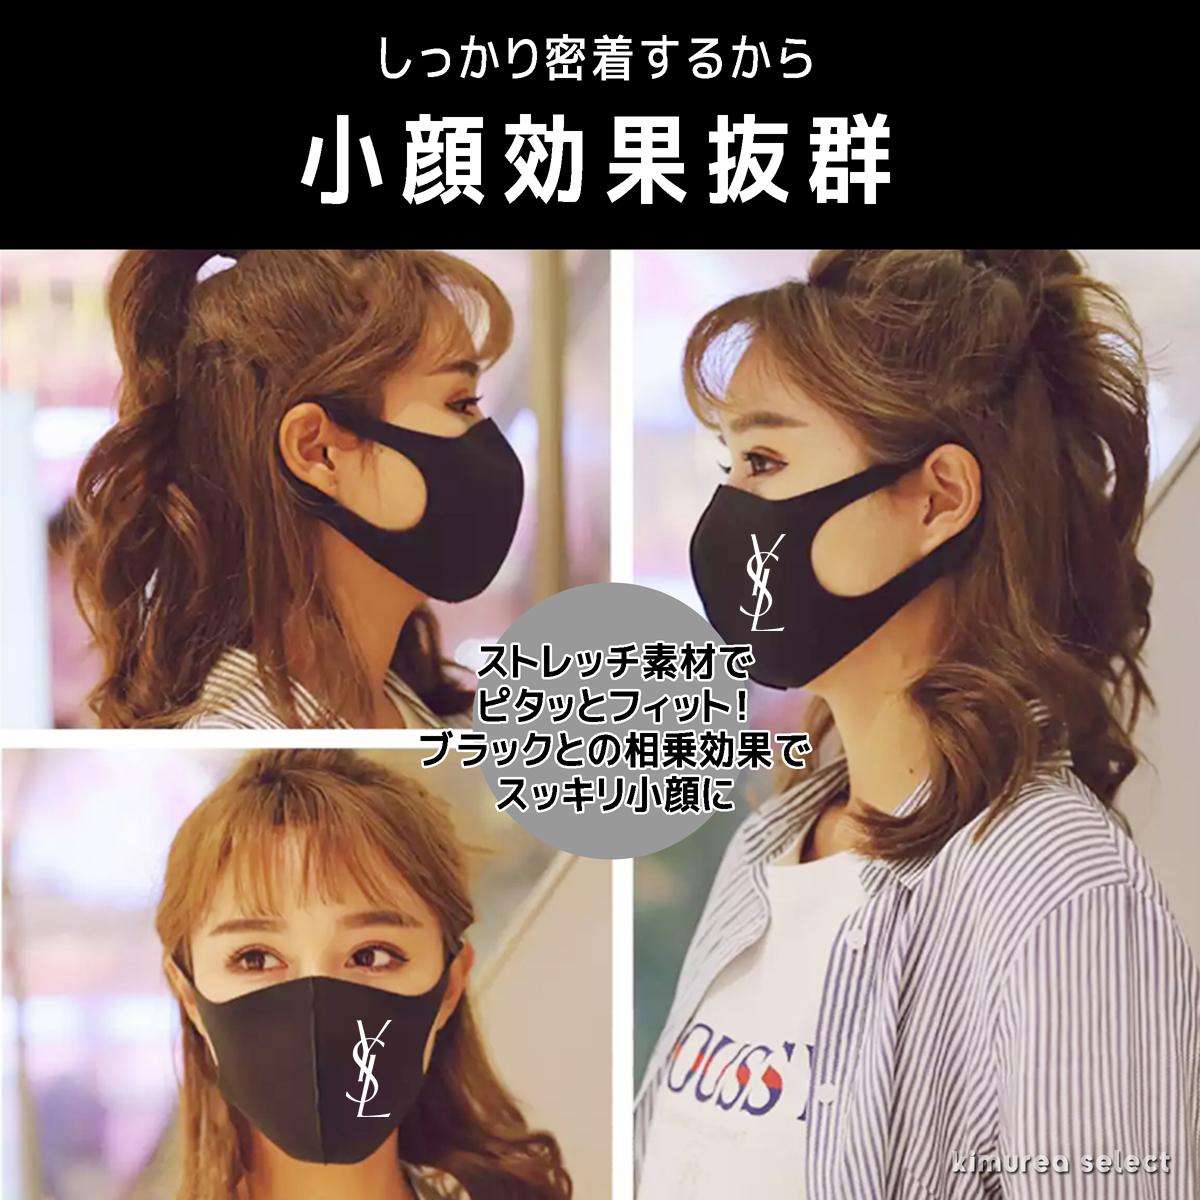 YSL cute sport breathable fashion brand mask